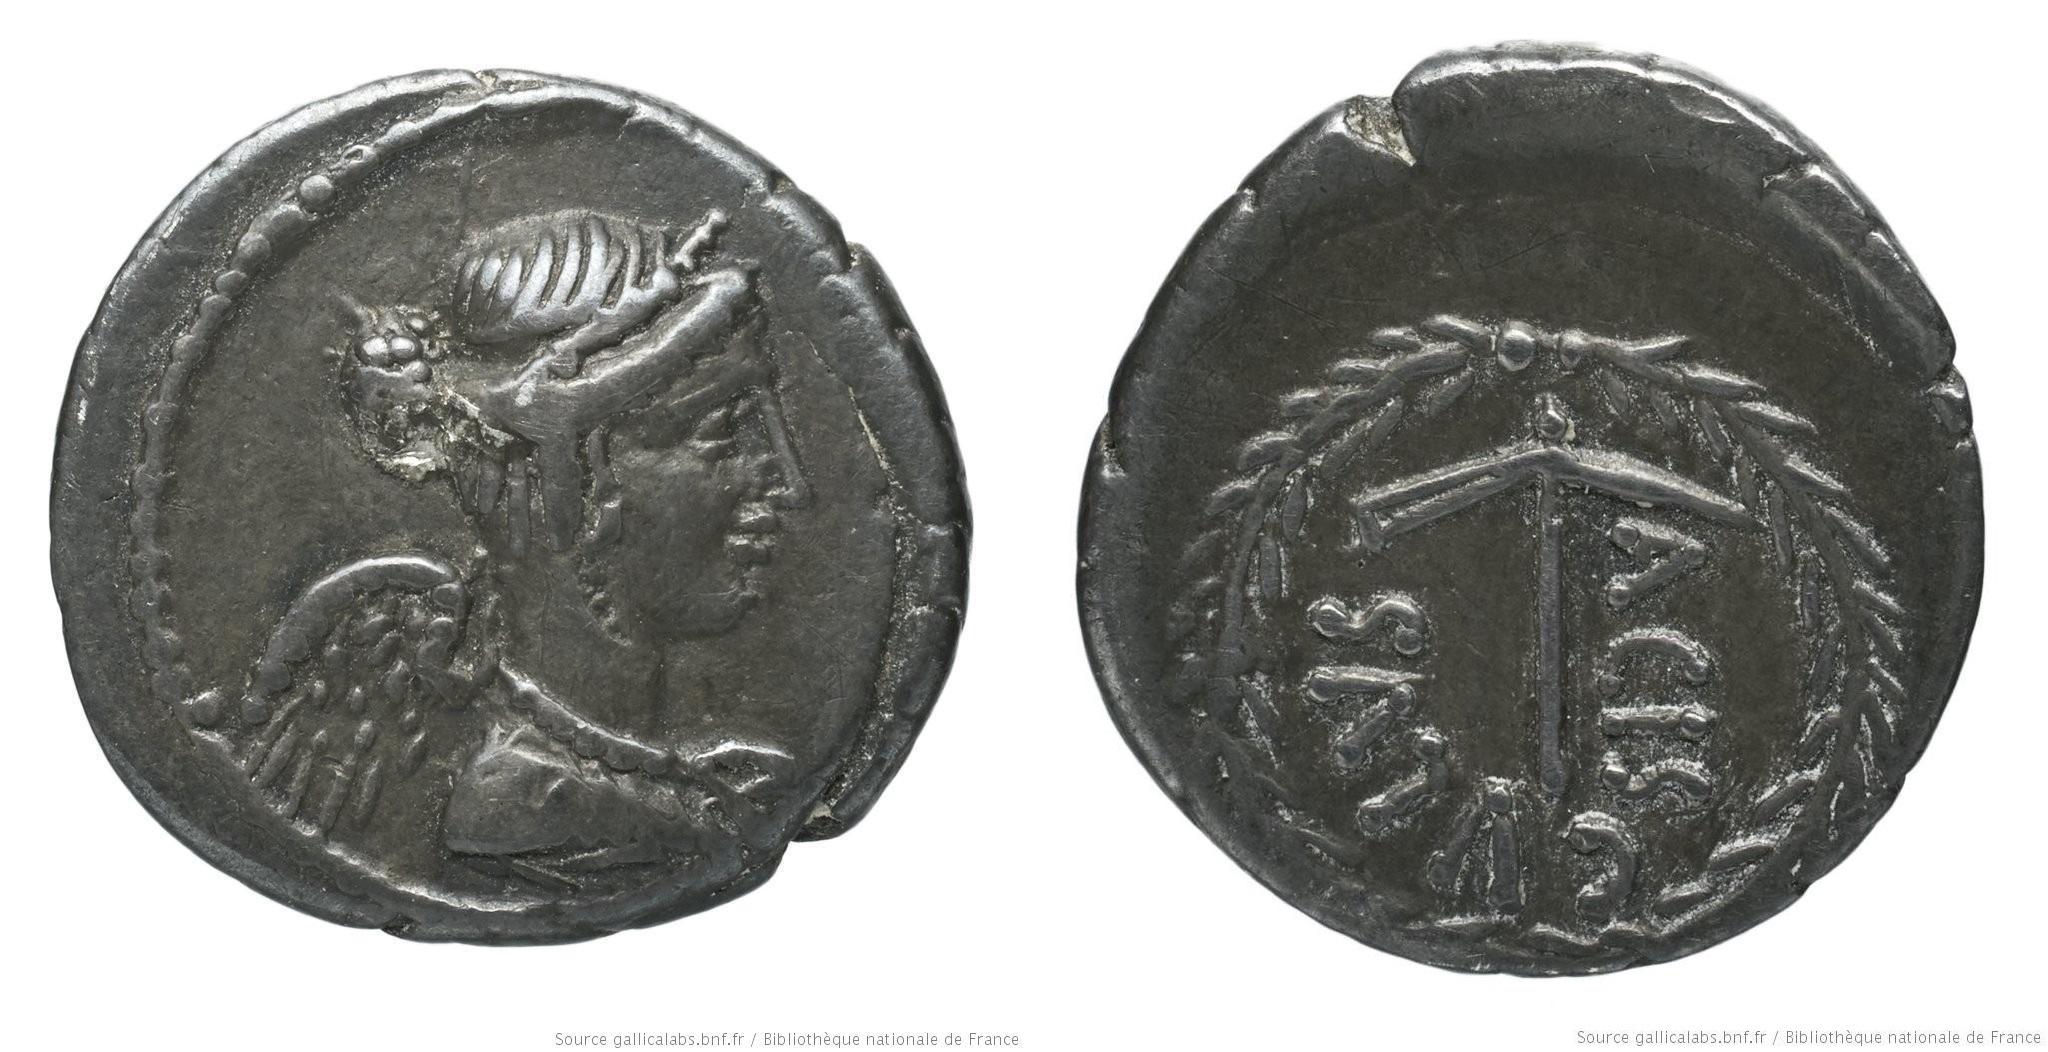 You are currently viewing 1513VA – Quinaire Valeria – Lucius Valerius Acisculus